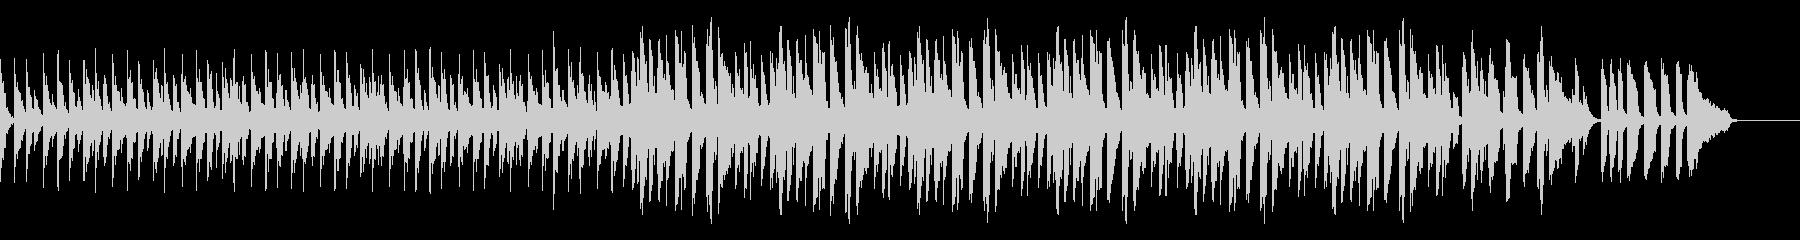 bpm80スウィングドラムベース抜きの未再生の波形